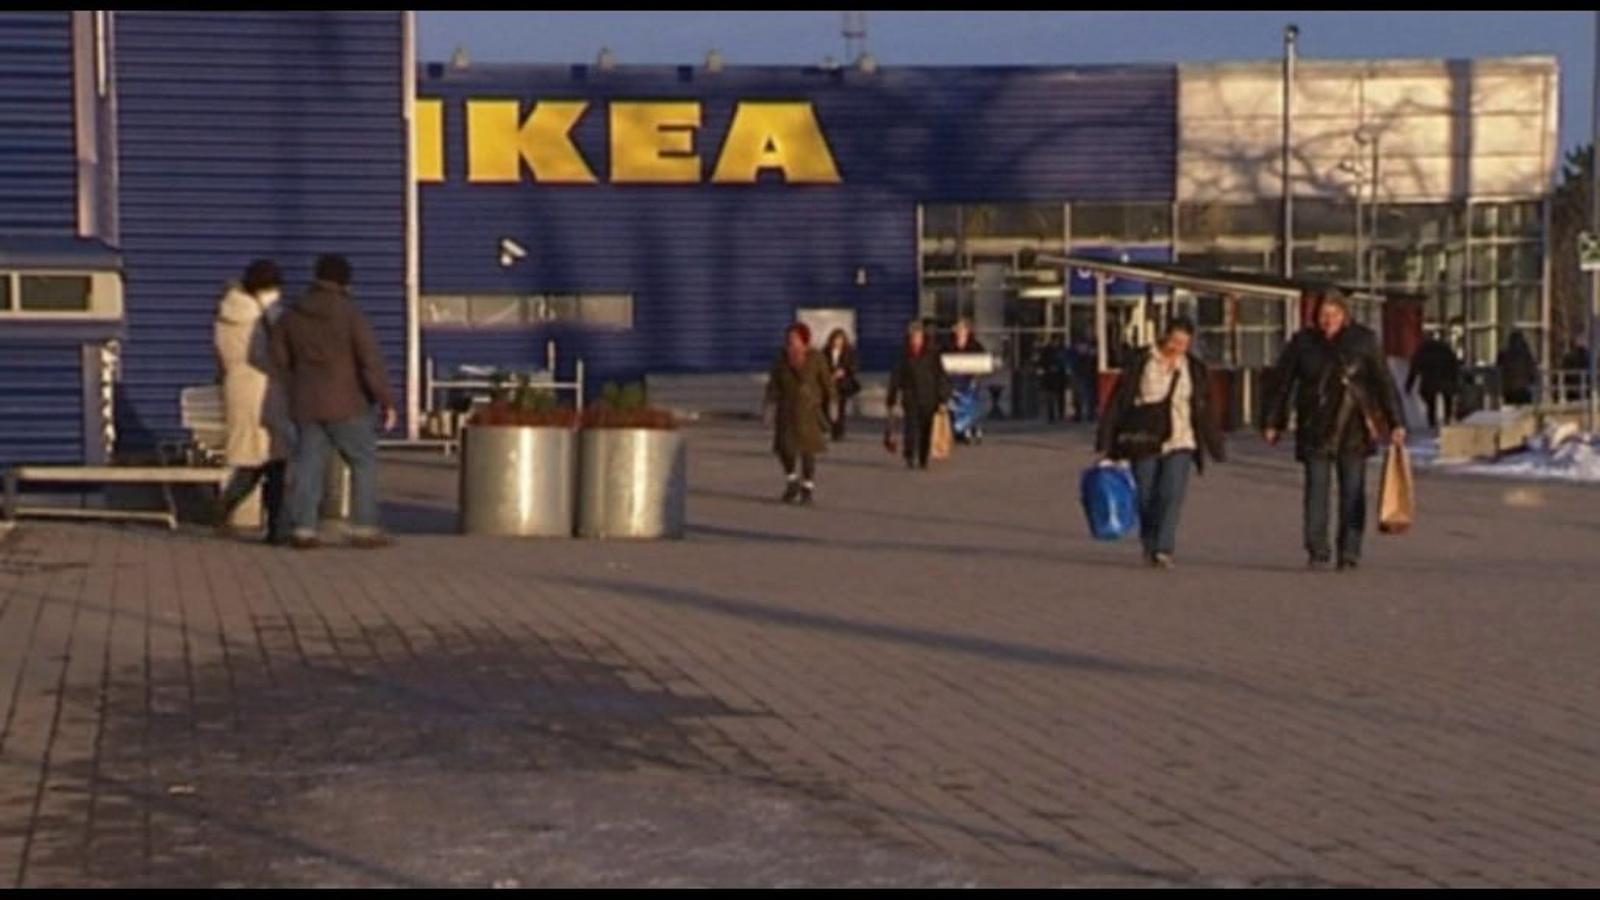 Ikea retira les mandonguilles de les seves botigues després de trobar-hi carn de cavall